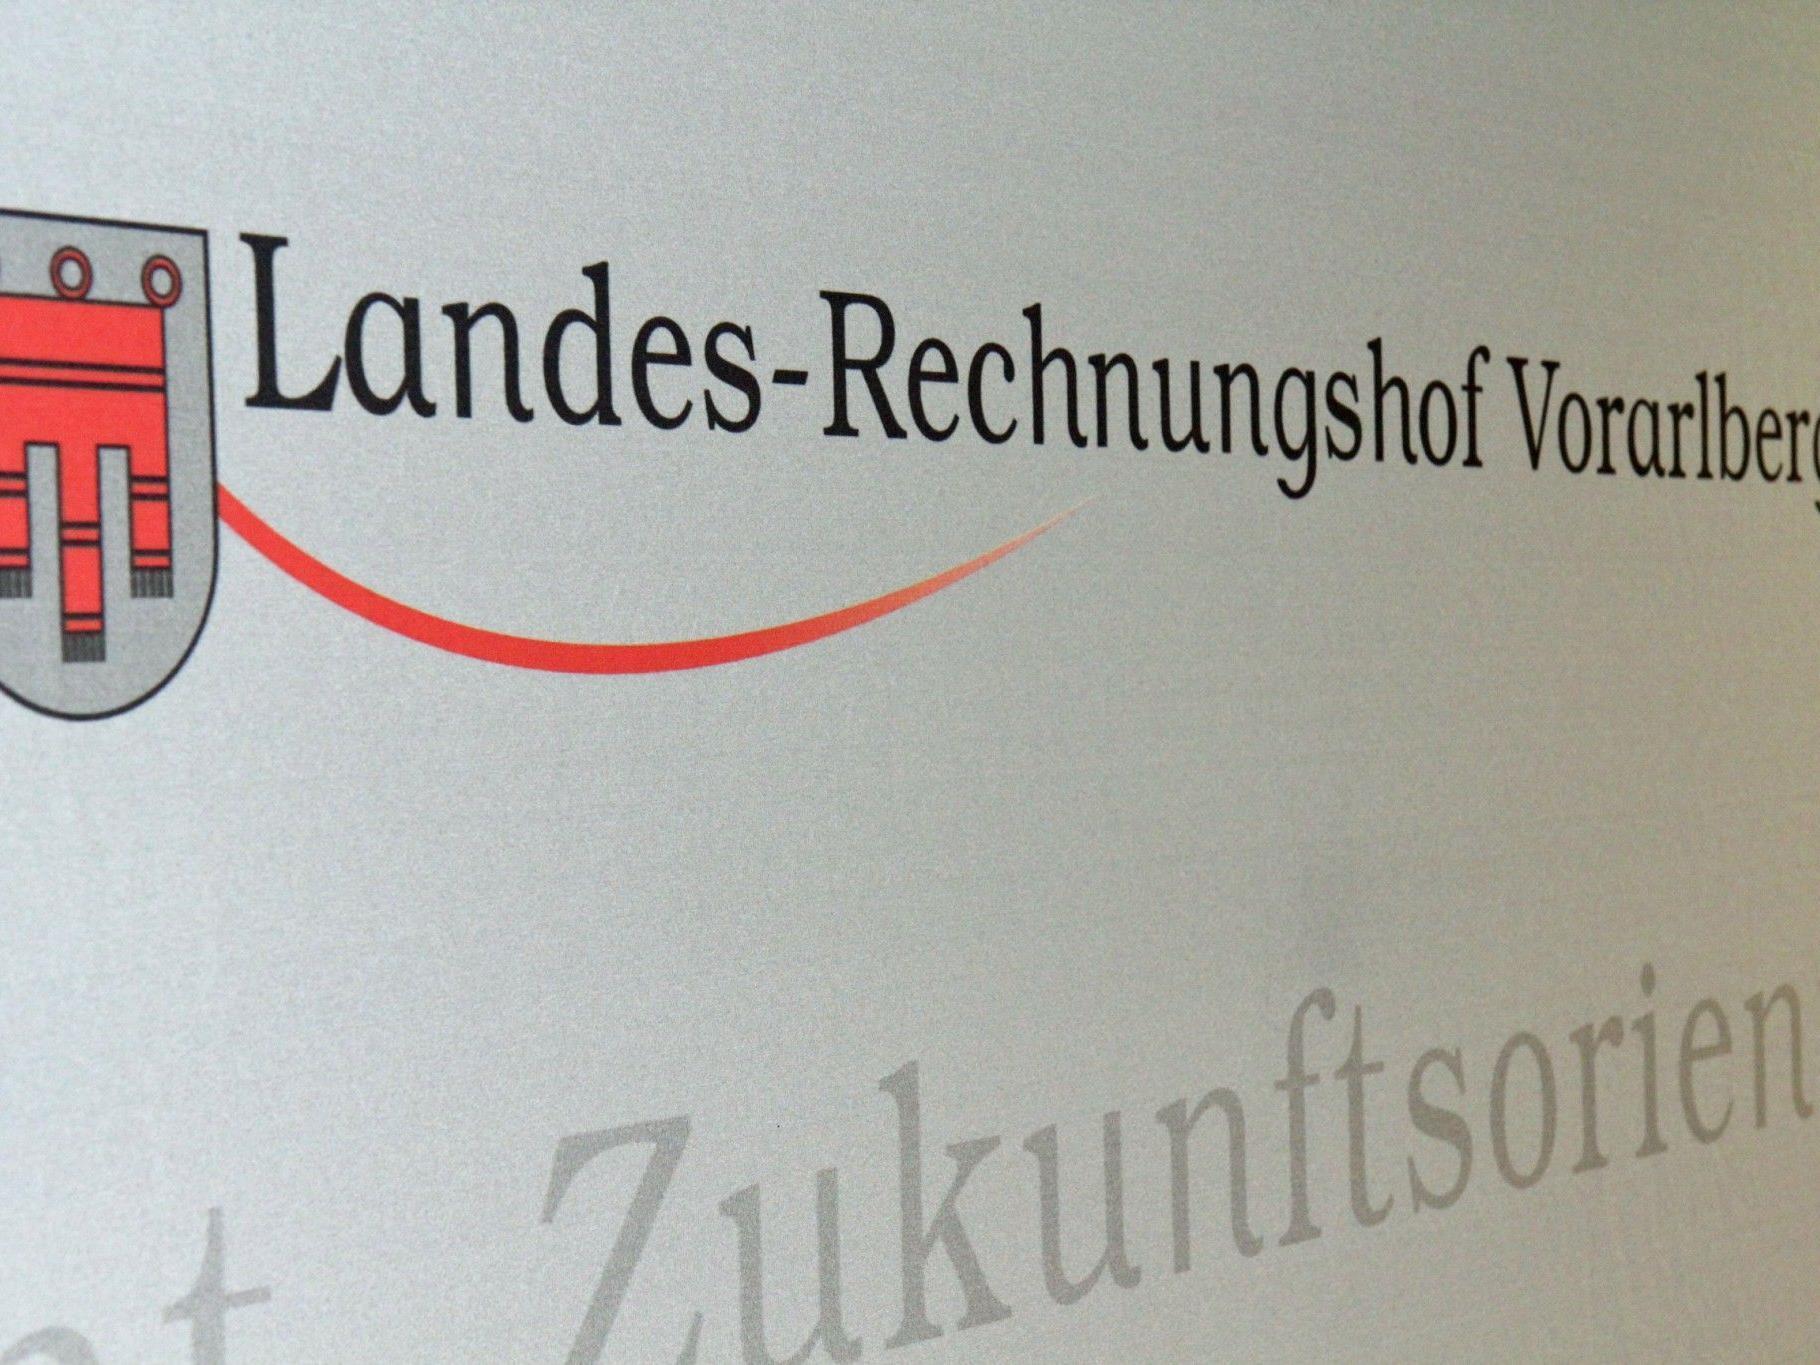 Prüfmöglichkeiten ausgeweitet: Einstimmiger Beschluss des entsprechenden Gesetzes im Landtag.